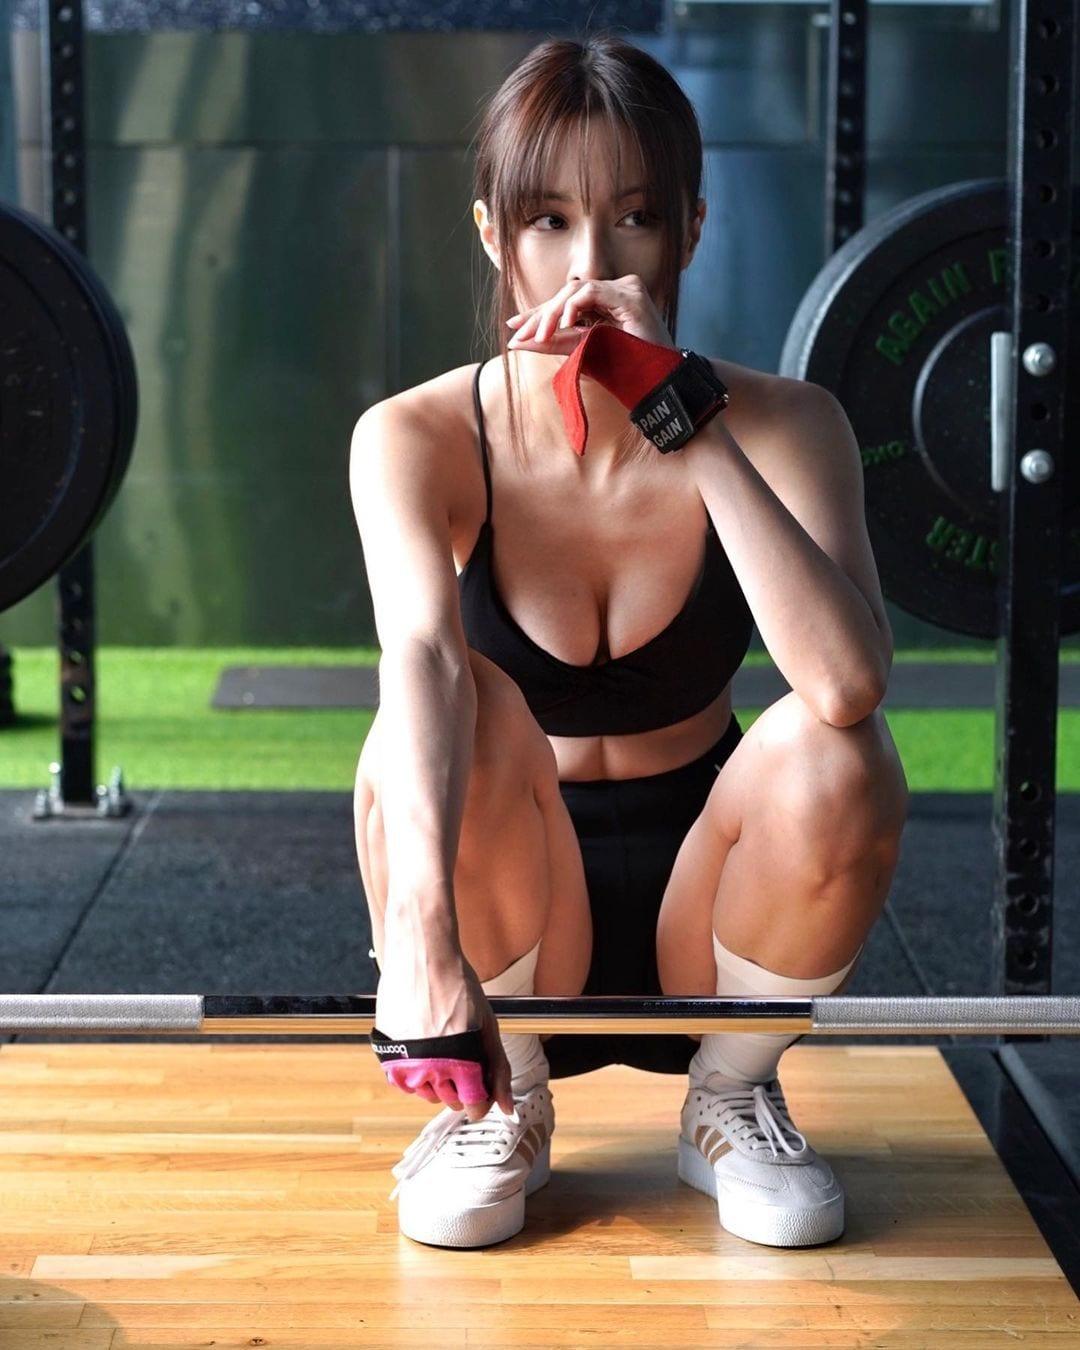 キャスリン・リー「セクシーすぎるトレーニング!」露出度高いウェアスタイルを大量投下【画像8枚】の画像002